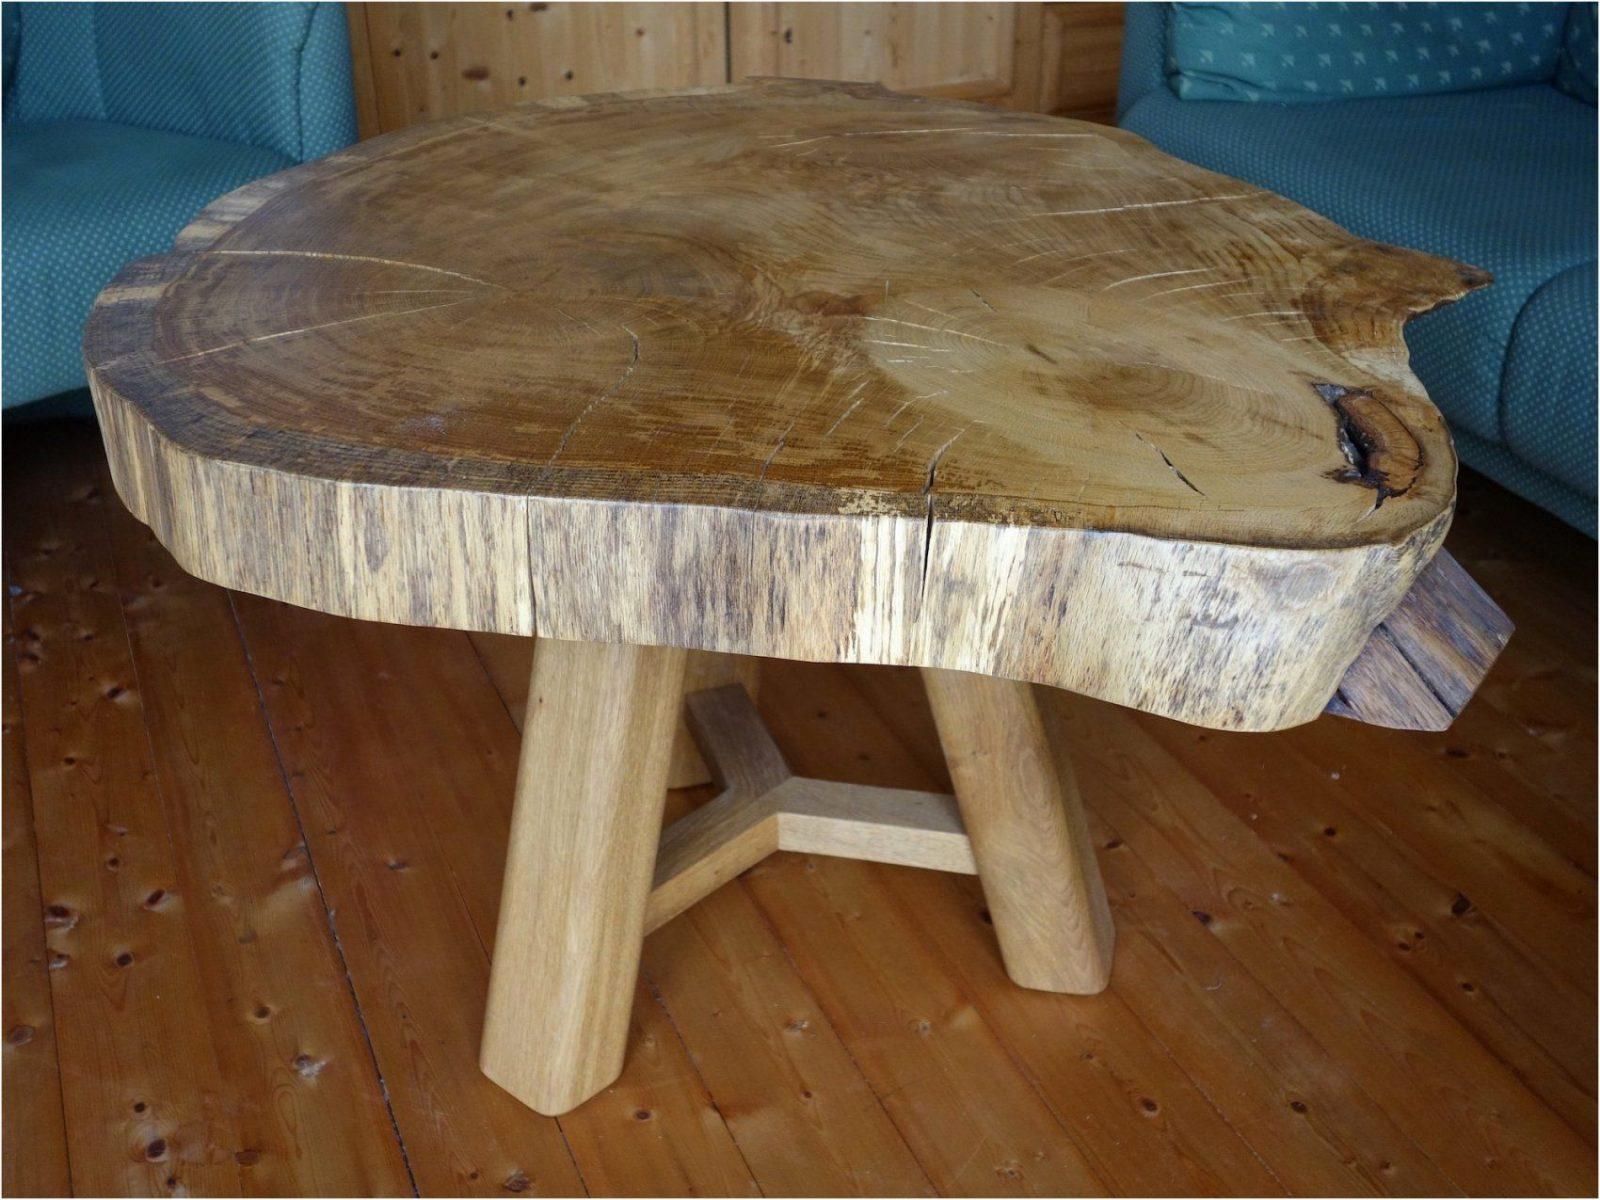 Tisch Baumscheibe Selber Bauen Perfect Design Nachttisch Diy Avec von Tisch Aus Baumstamm Selber Machen Photo